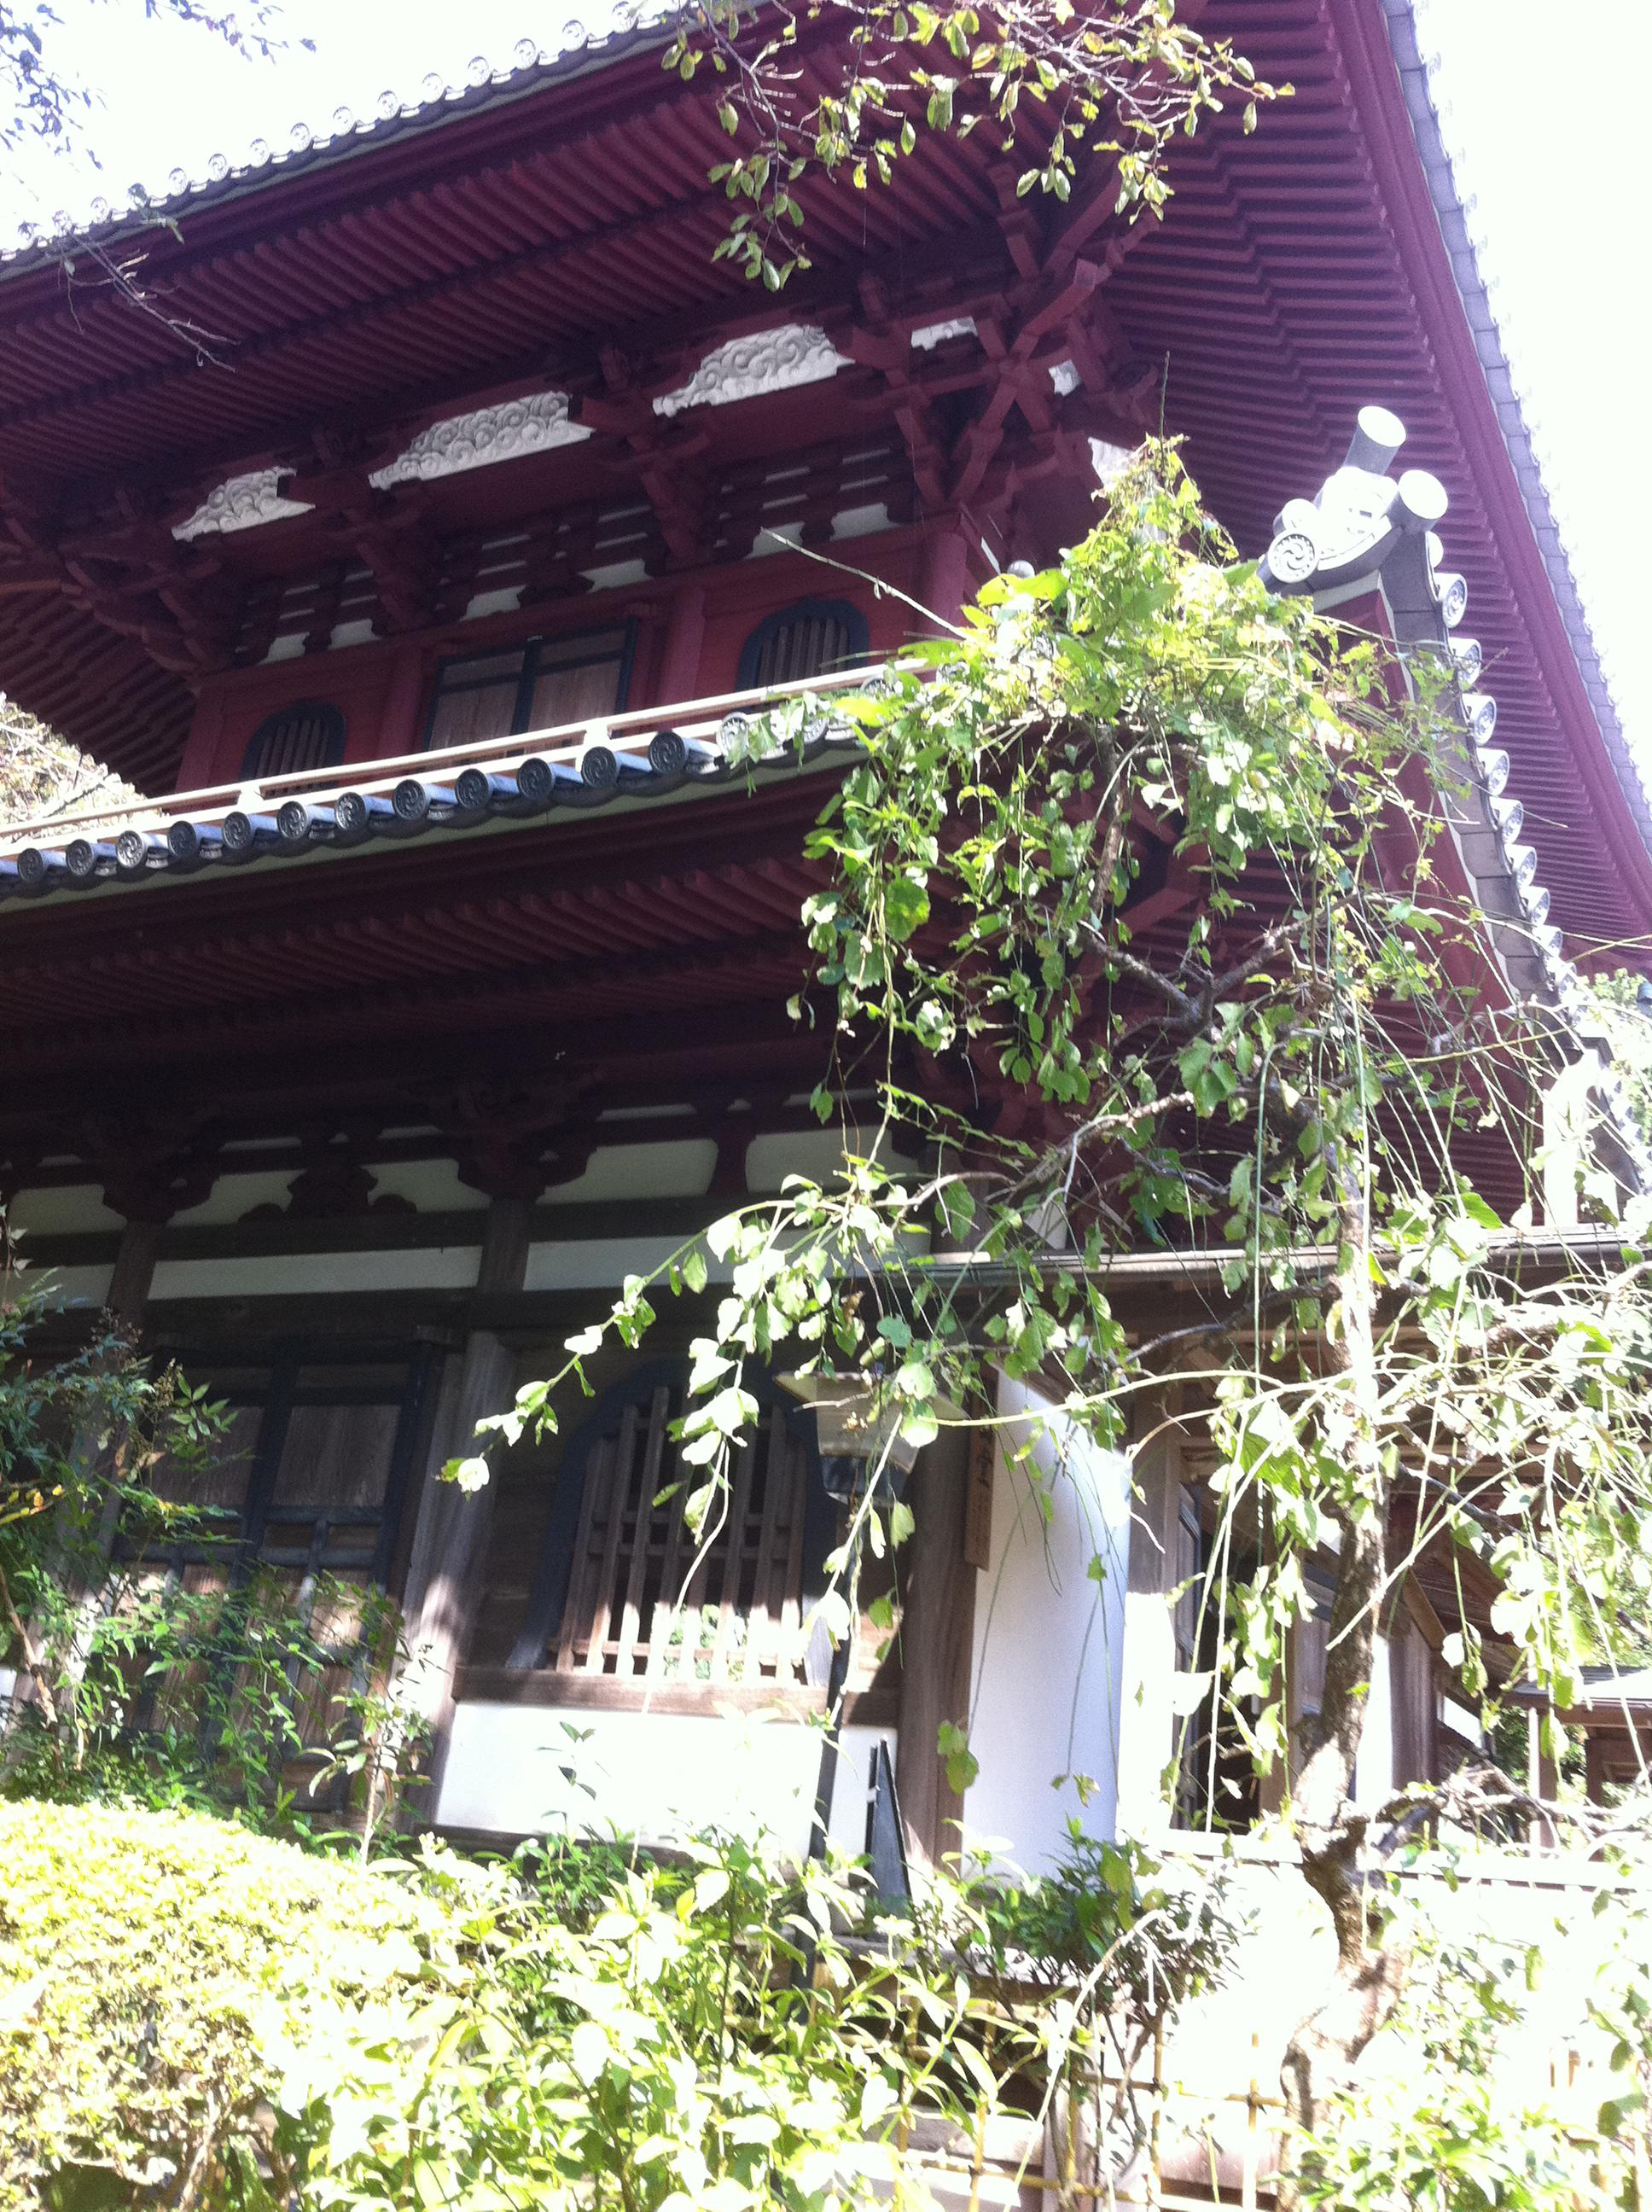 龍潭寺の塔